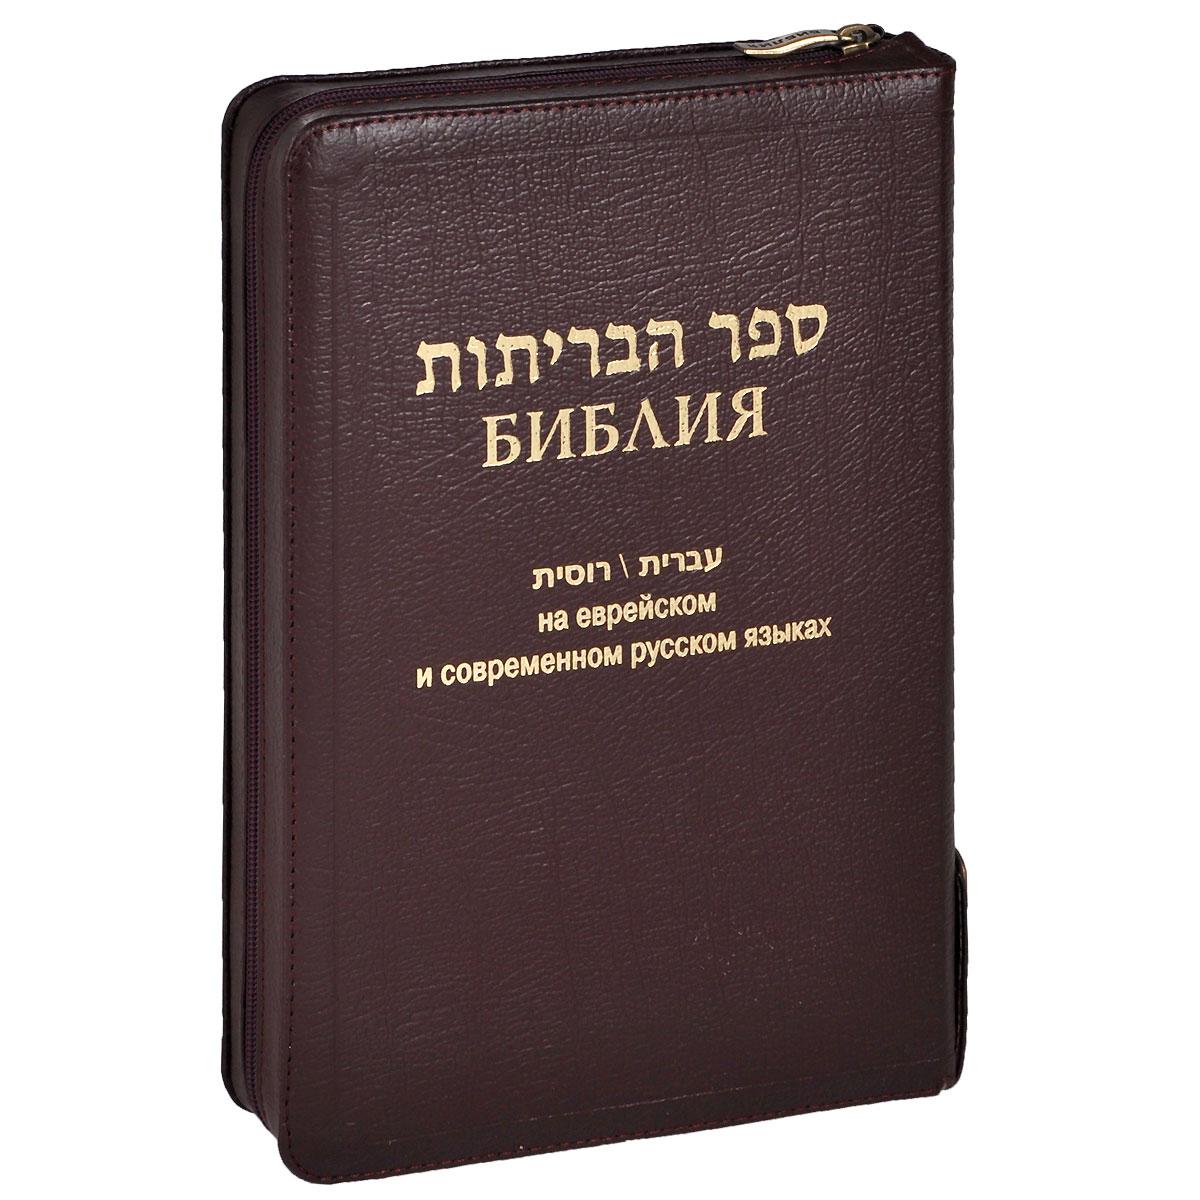 Karl Elliger,Wilhelm Rudolph Библия на еврейском и современном русском языках (подарочное издание)